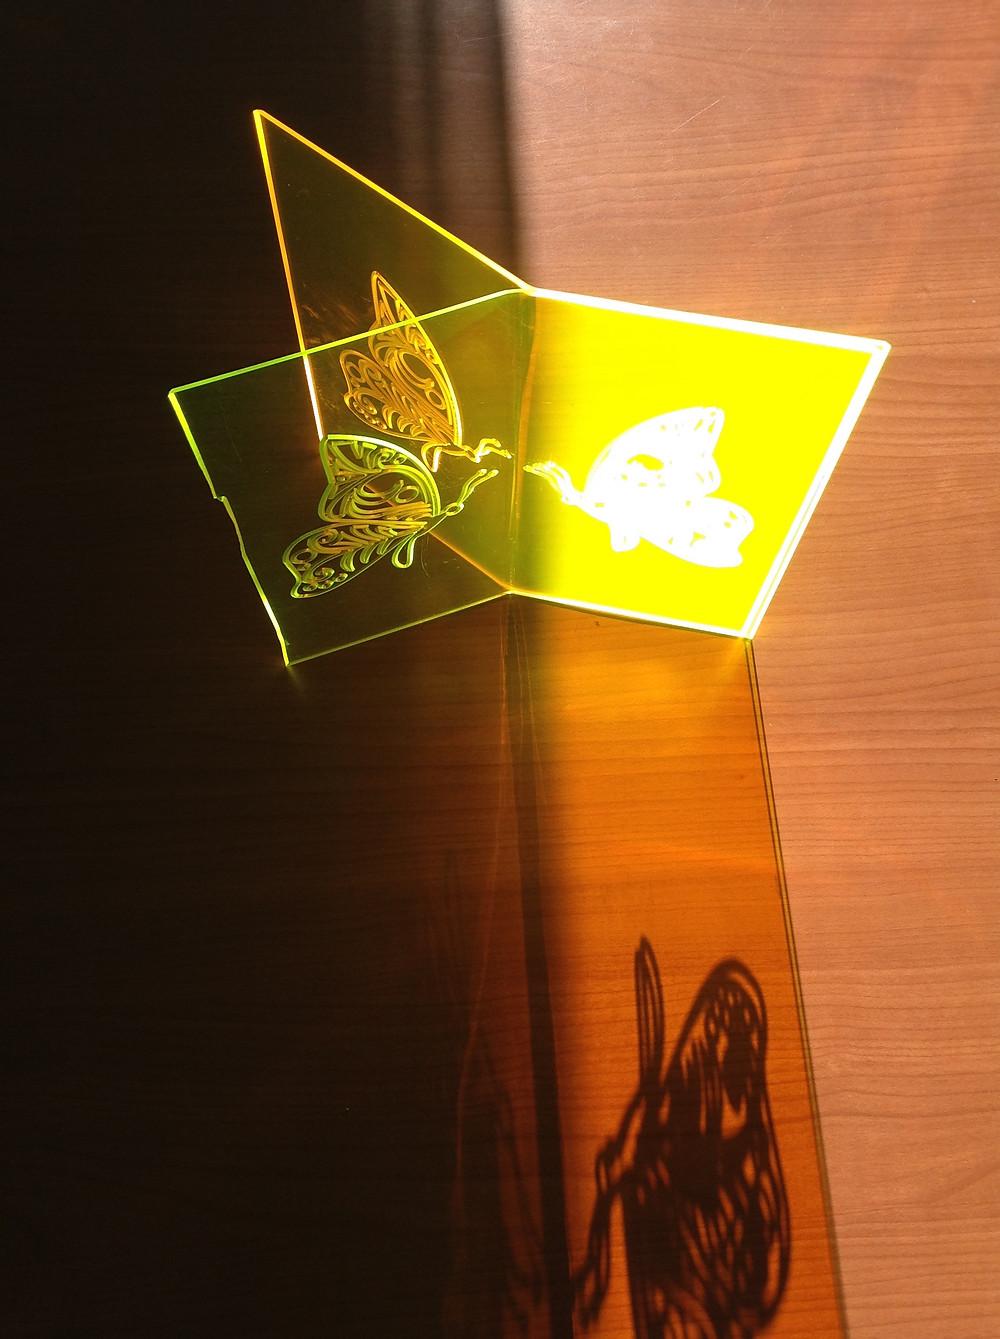 """Due pannelli """"light to light"""" curvati e poggiati su un tavolo, illuminati da un raggio di Sole. L'installazione artistica mostra che i pannelli """"light to light"""" possono essere anche composti fra loro e possono essere poggiati su superfici piani per varie applicazioni."""